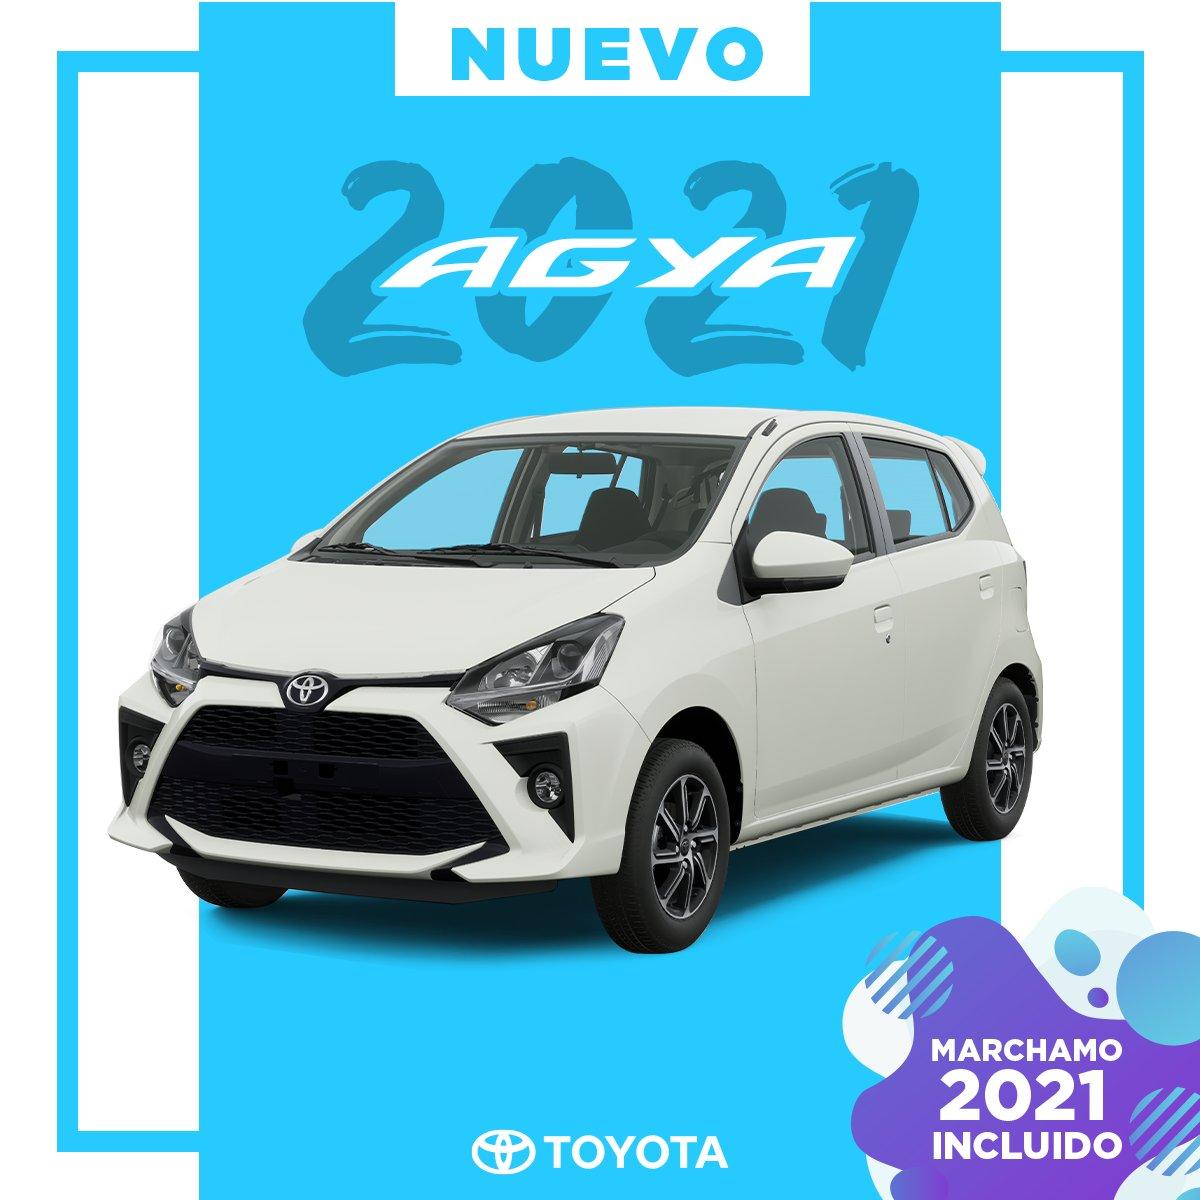 Empezá de 0 con el pie derecho y unite a la familia Toyotera a bordo de un #Agya. Te aseguramos eficiencia, diversión y muchos momentos inolvidables.  Te esperamos en las sucursales #Toyota para que te lo llevés con marchamo incluido.  https://t.co/vMSEnkjpNr https://t.co/ljoNg4QYXB